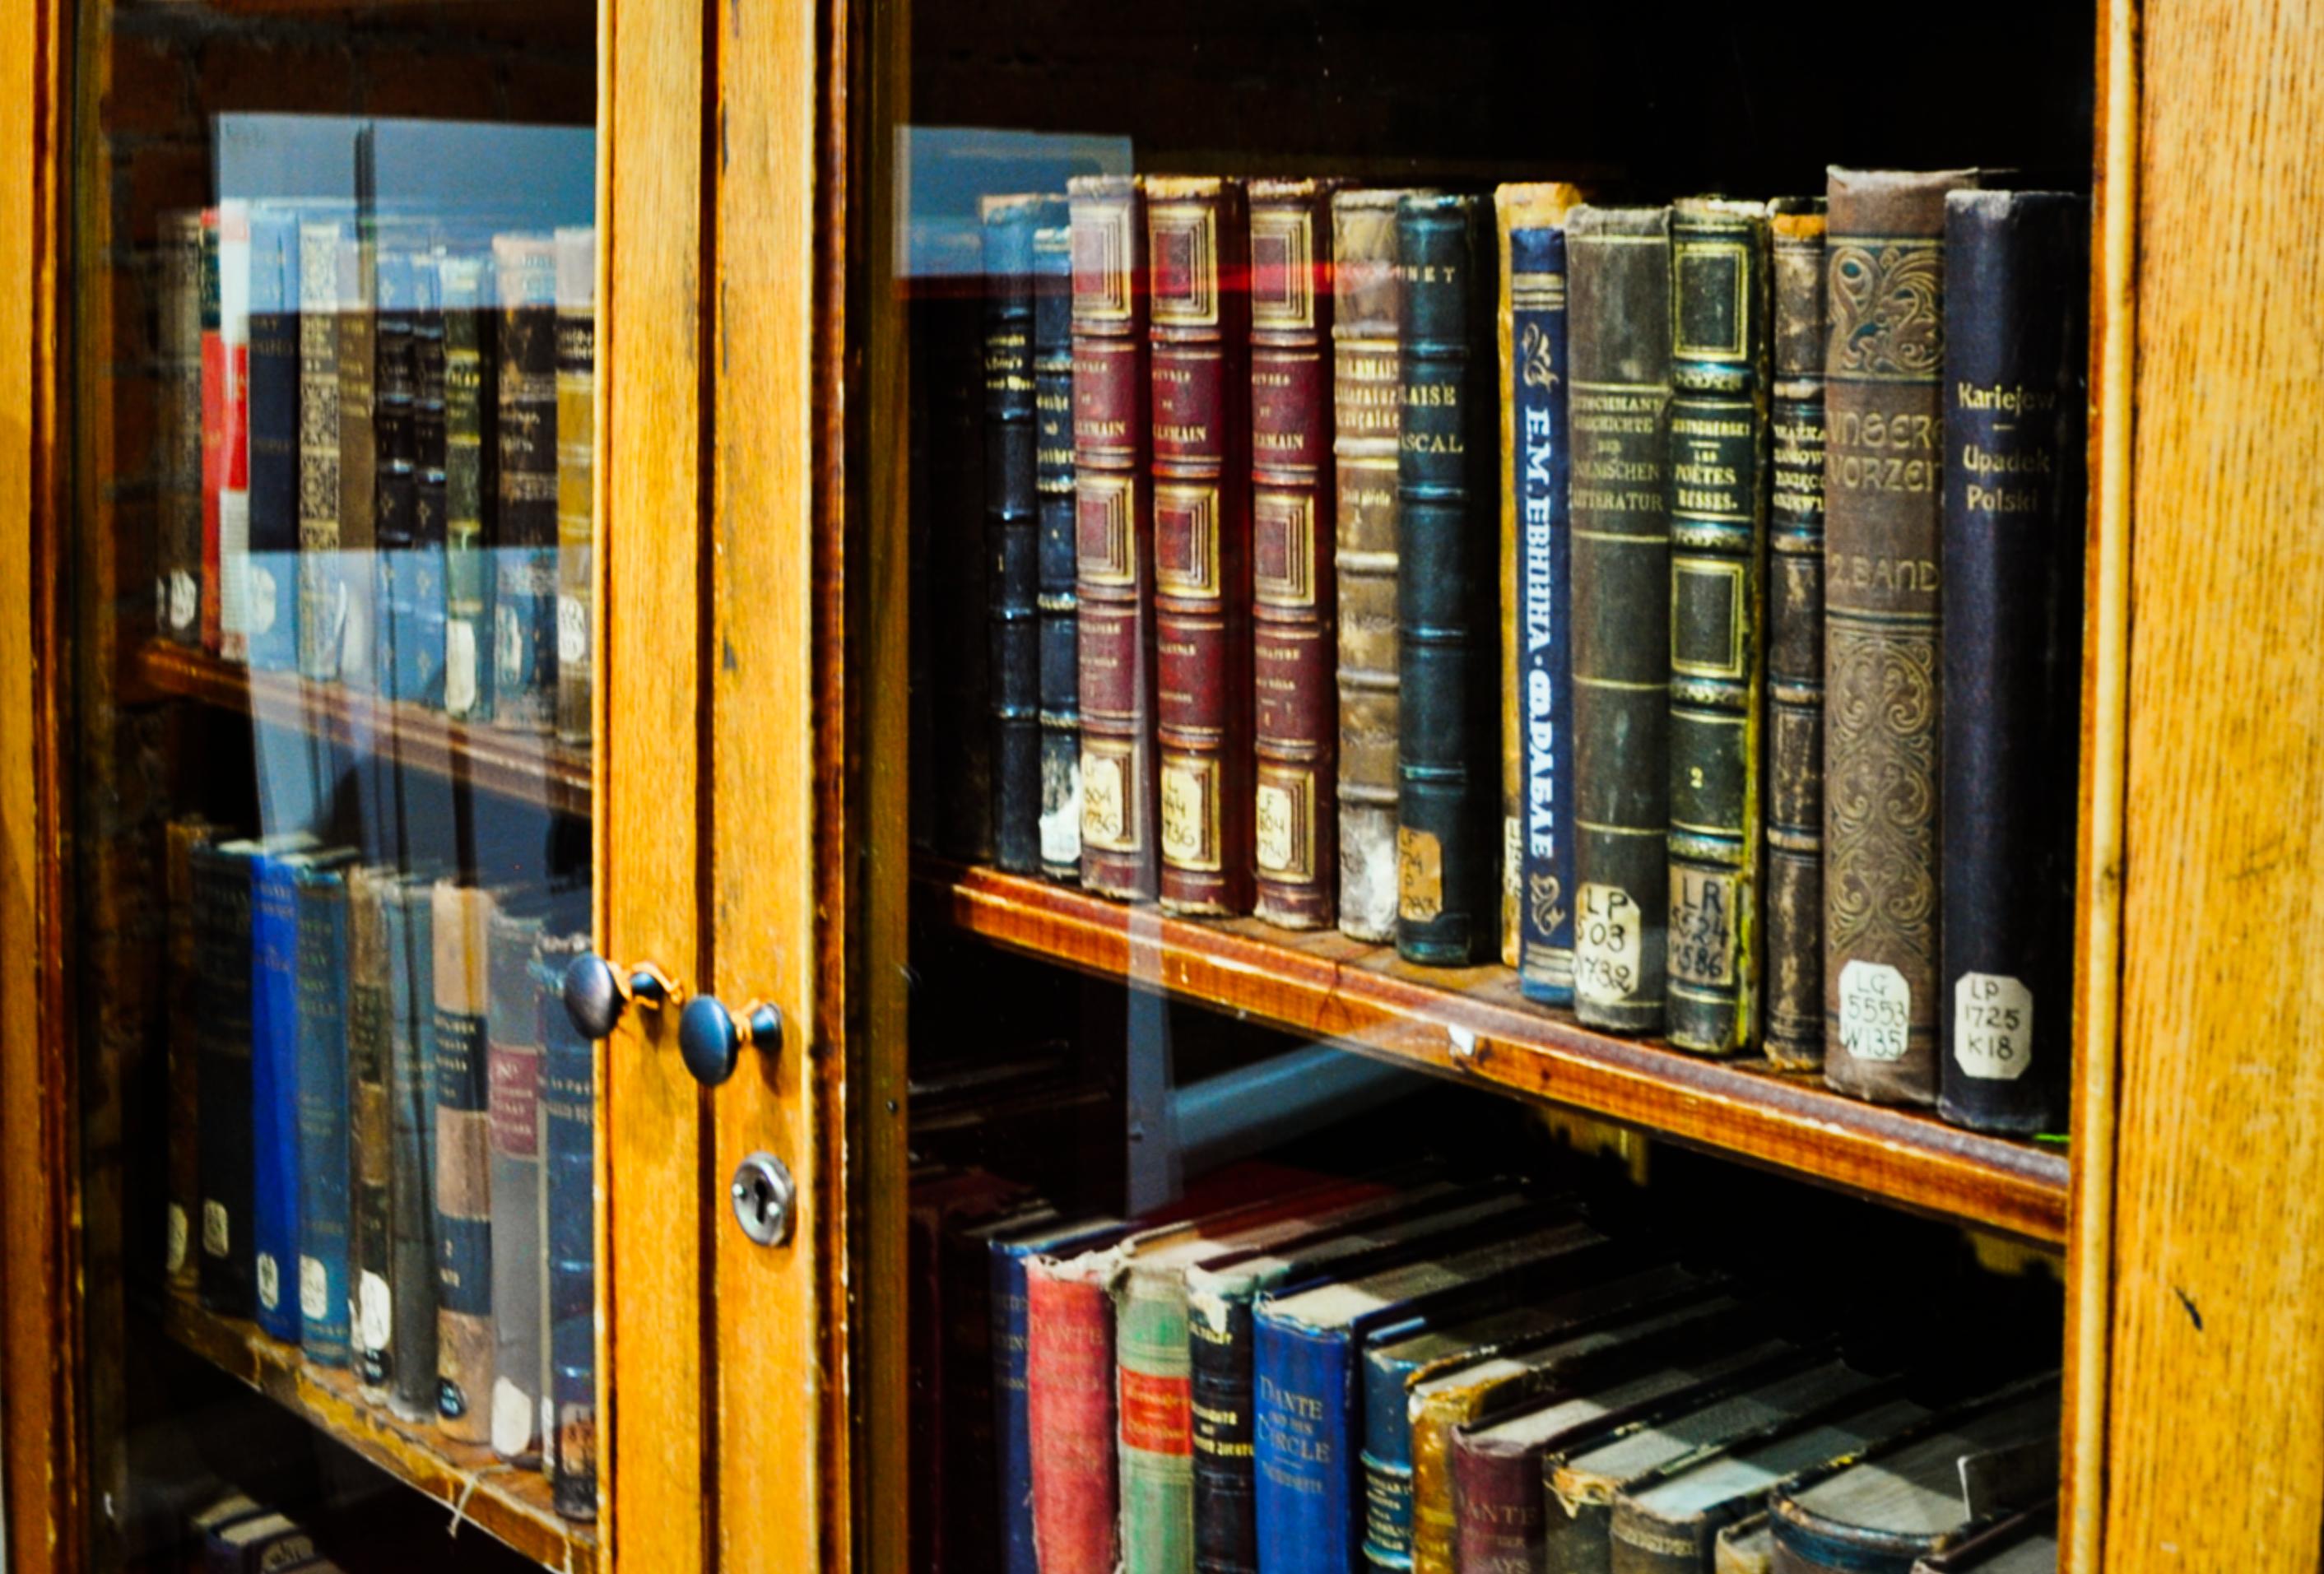 Методисты Вороновской библиотеки проведут Шукшинские чтения. Фото: Никита Нестеров